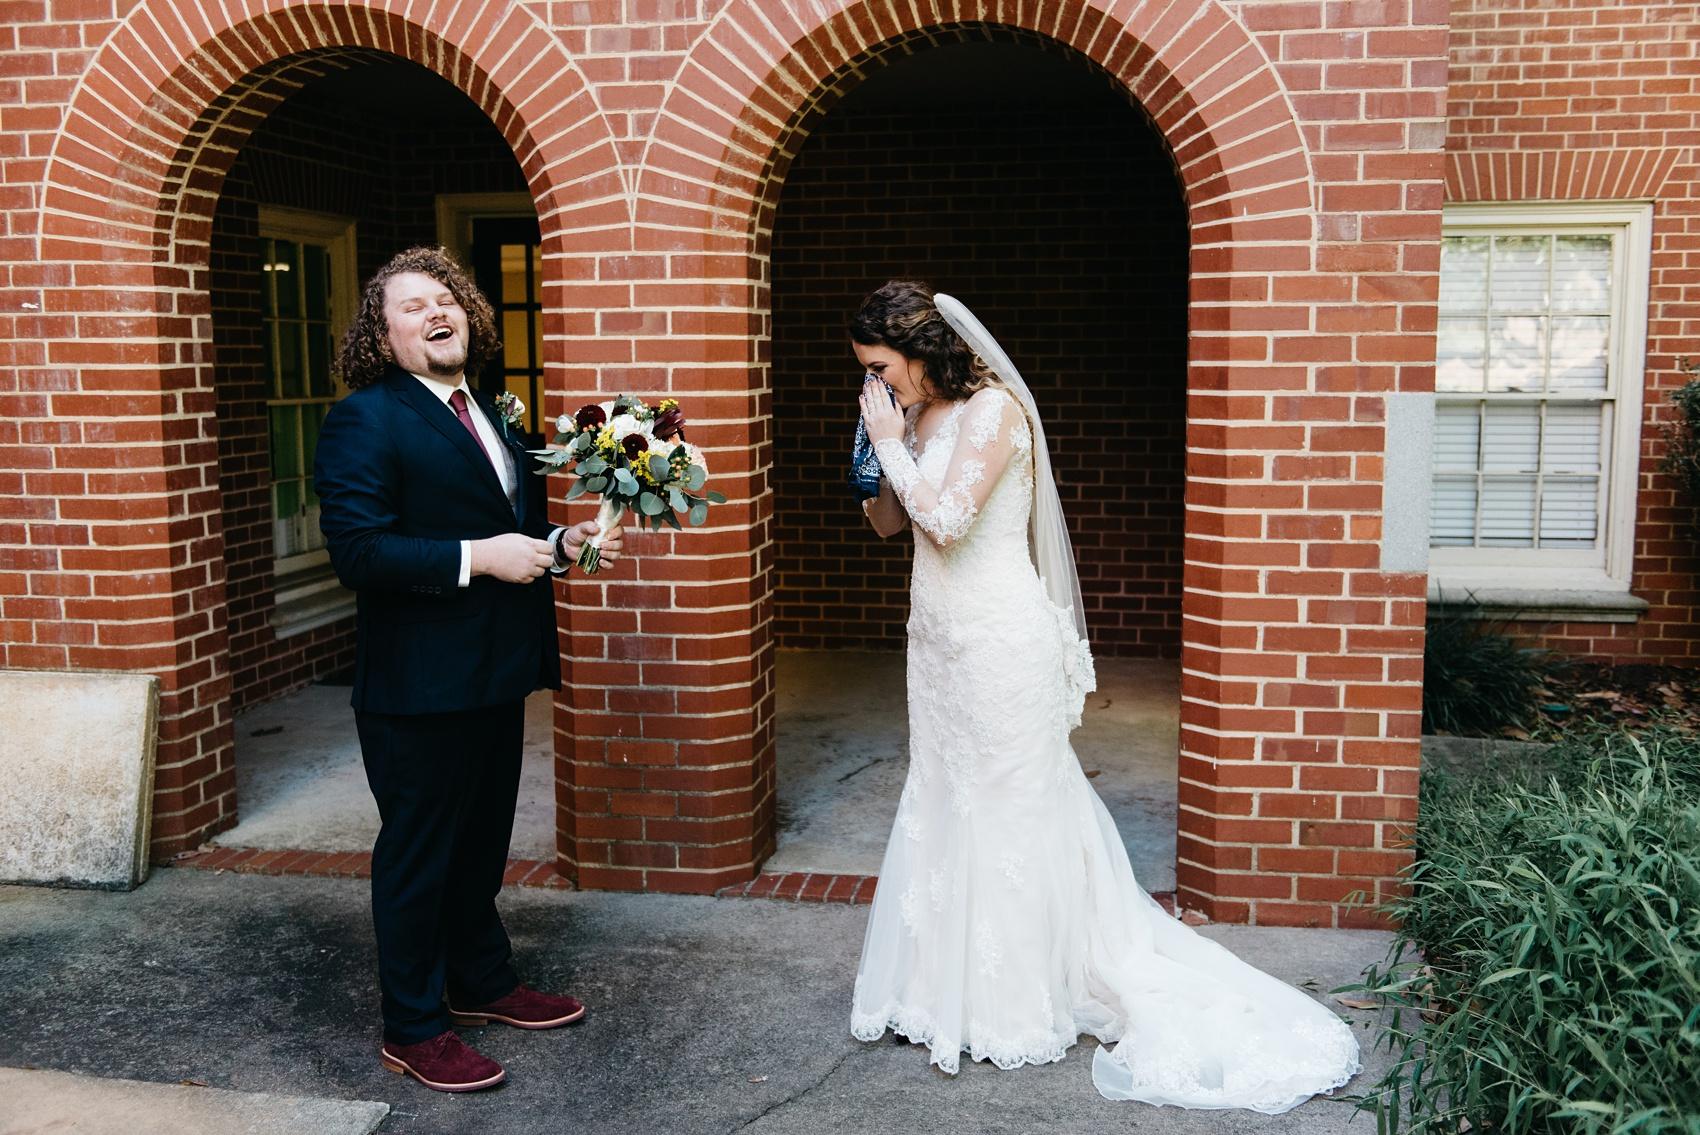 aiken_wedding_photographer_5569.jpg